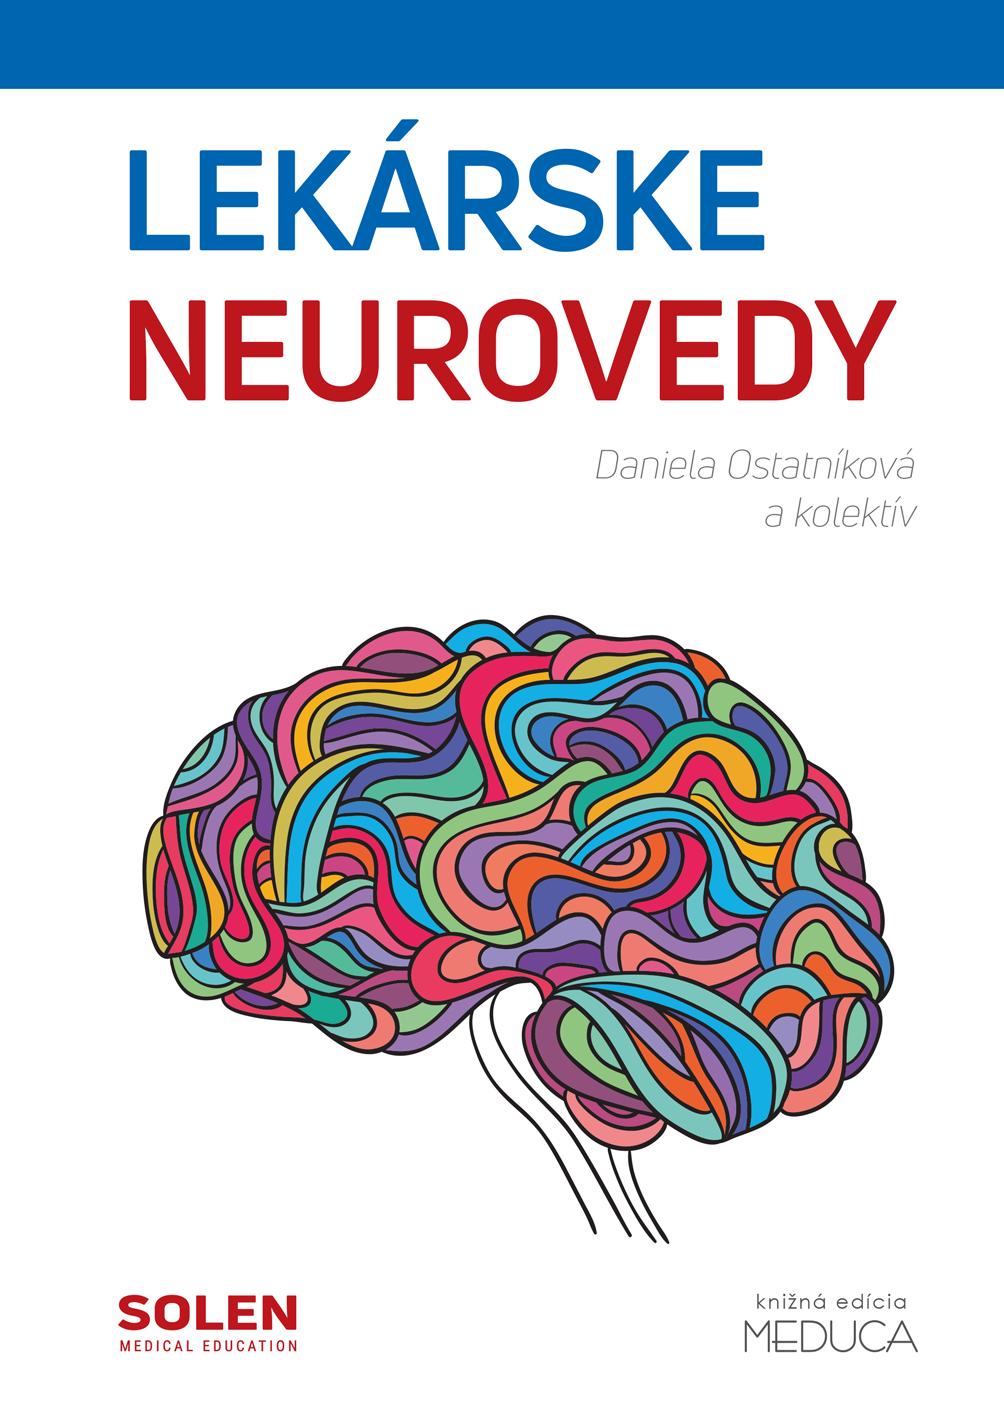 Lekárske neurovedy